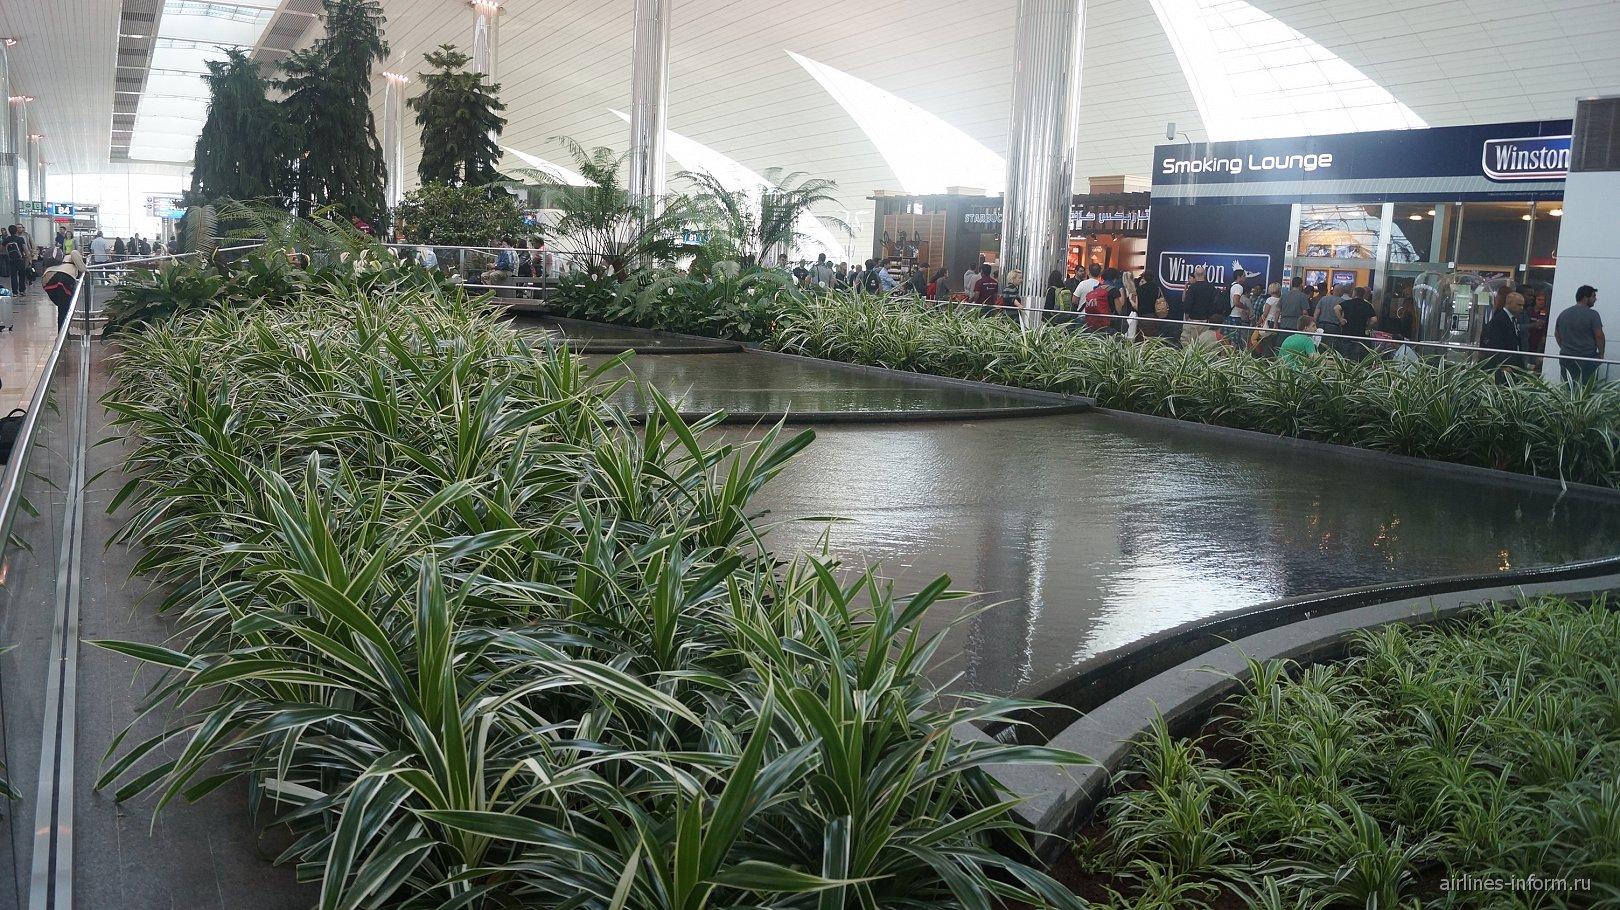 Искусственный оазис в аэропорту Дубай